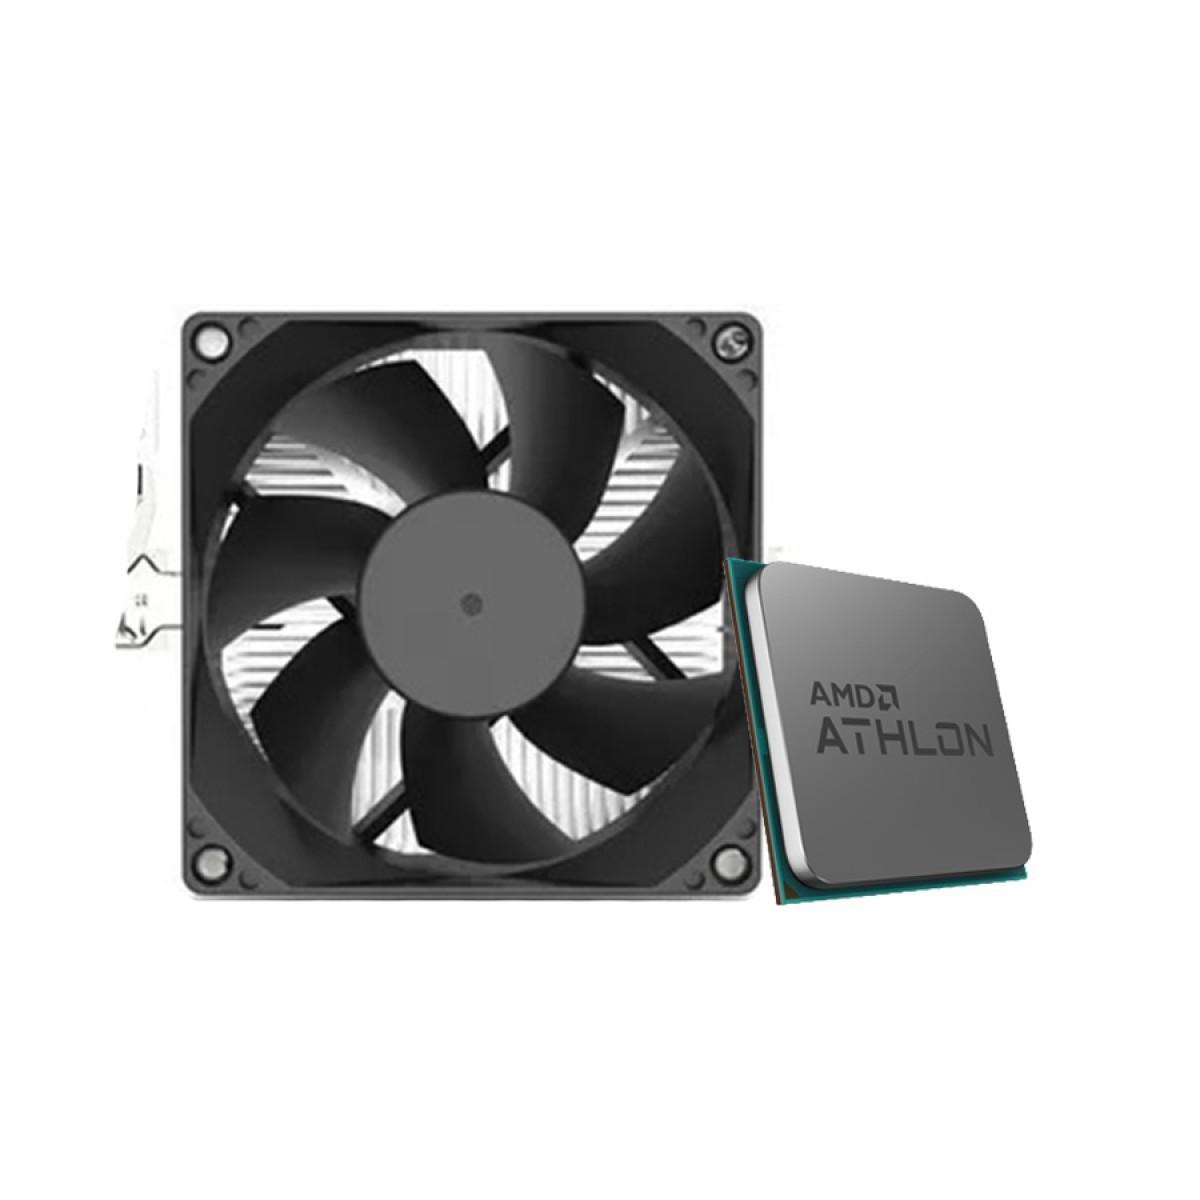 Kit Upgrade Athlon 200GE + ASUS PRIME A320M-K